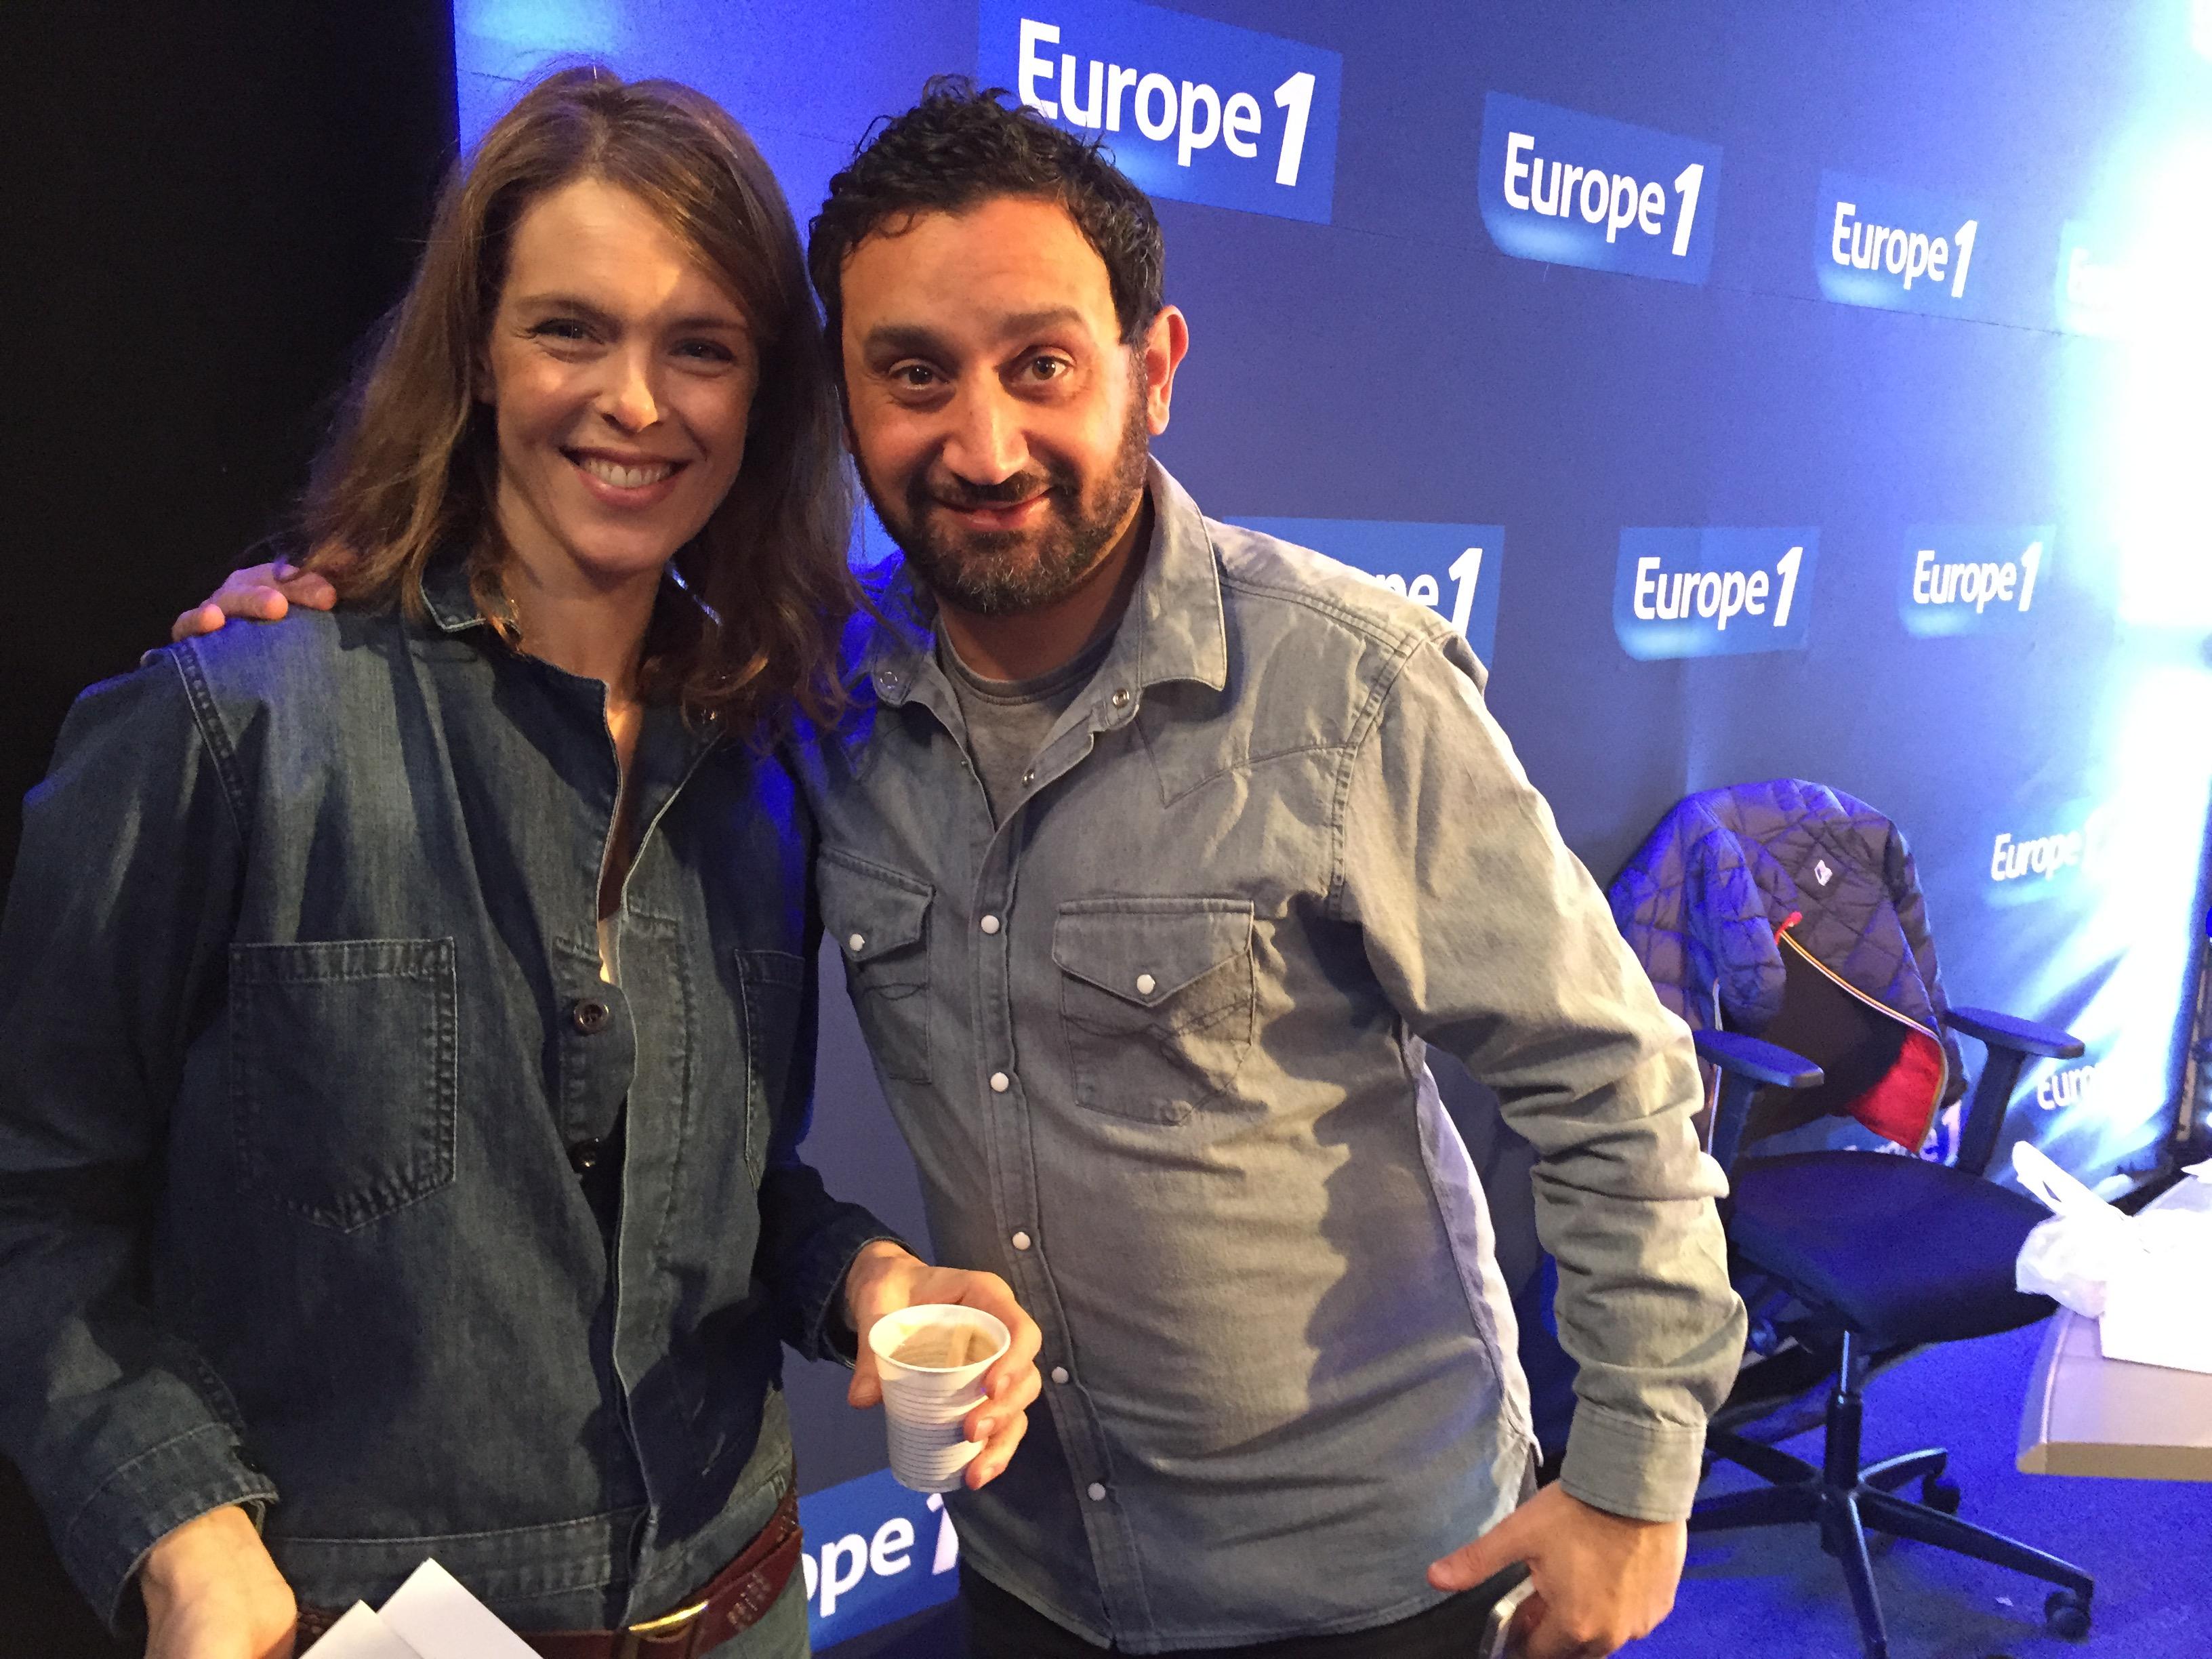 Les pieds dans le plat avec Julie Andrieu – Europe 1